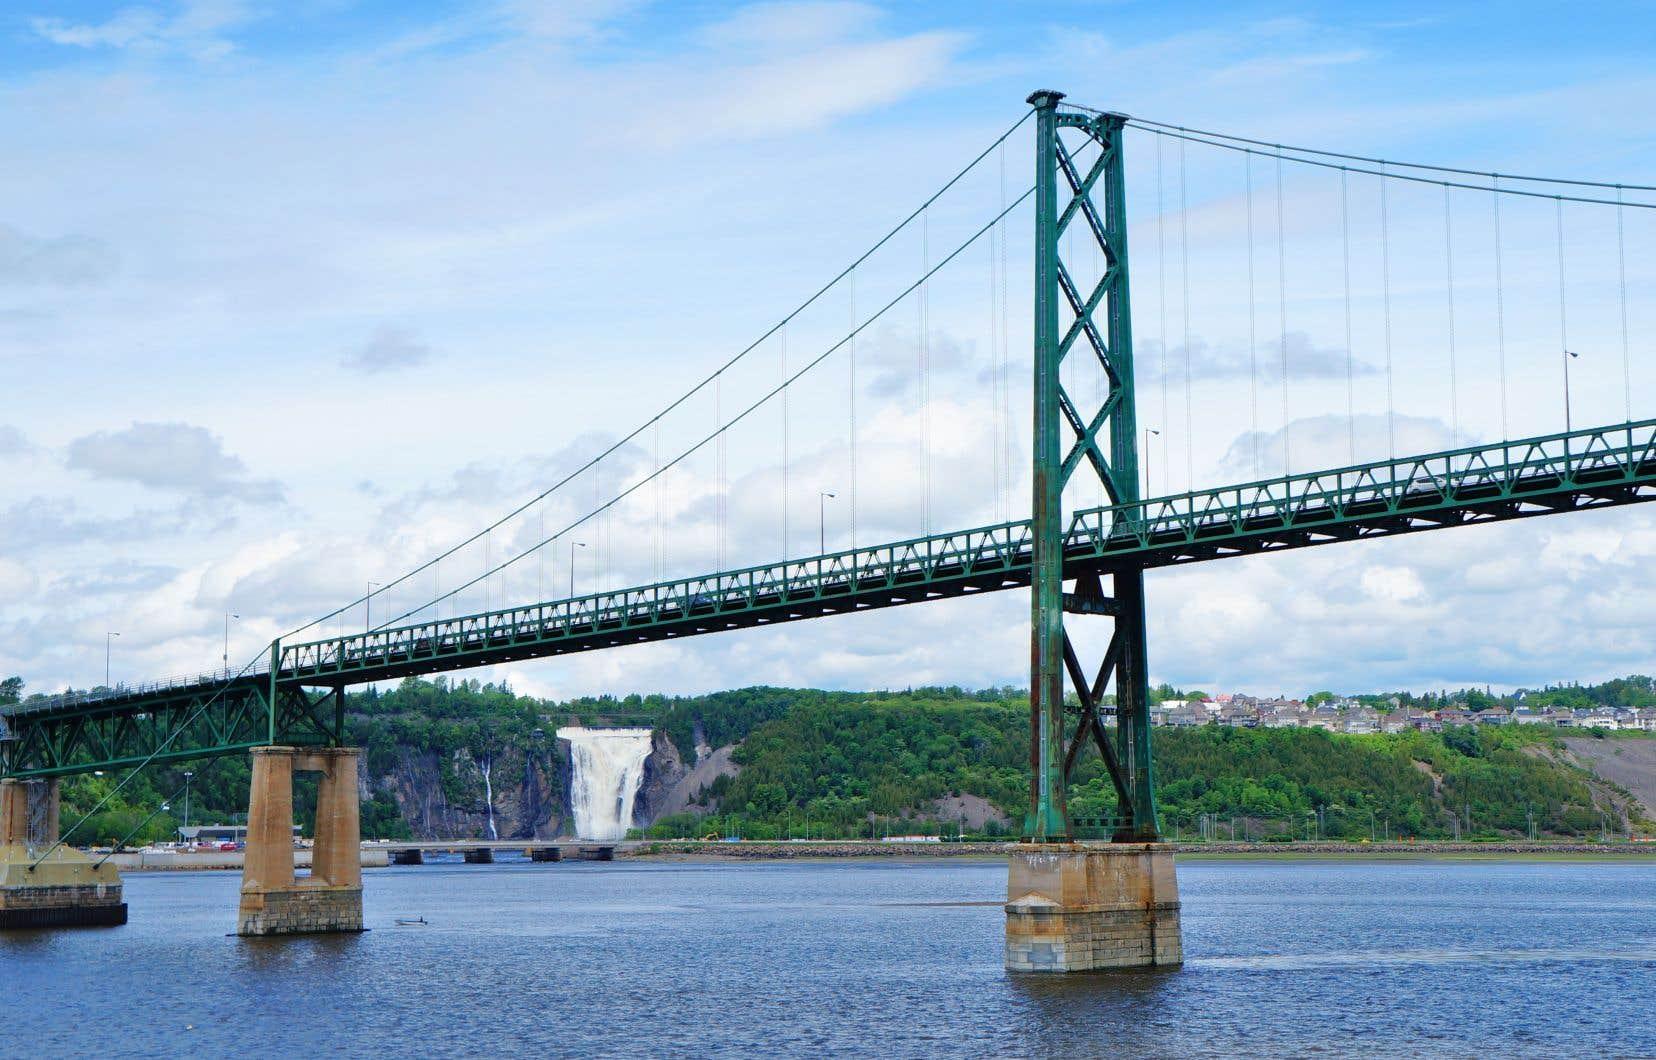 Puisque le gouvernement a décidé de construire le troisième lien à l'est de Québec, cela le rapproche du pont de l'Île-d'Orléans, qui doit de toute façon être remplacé.